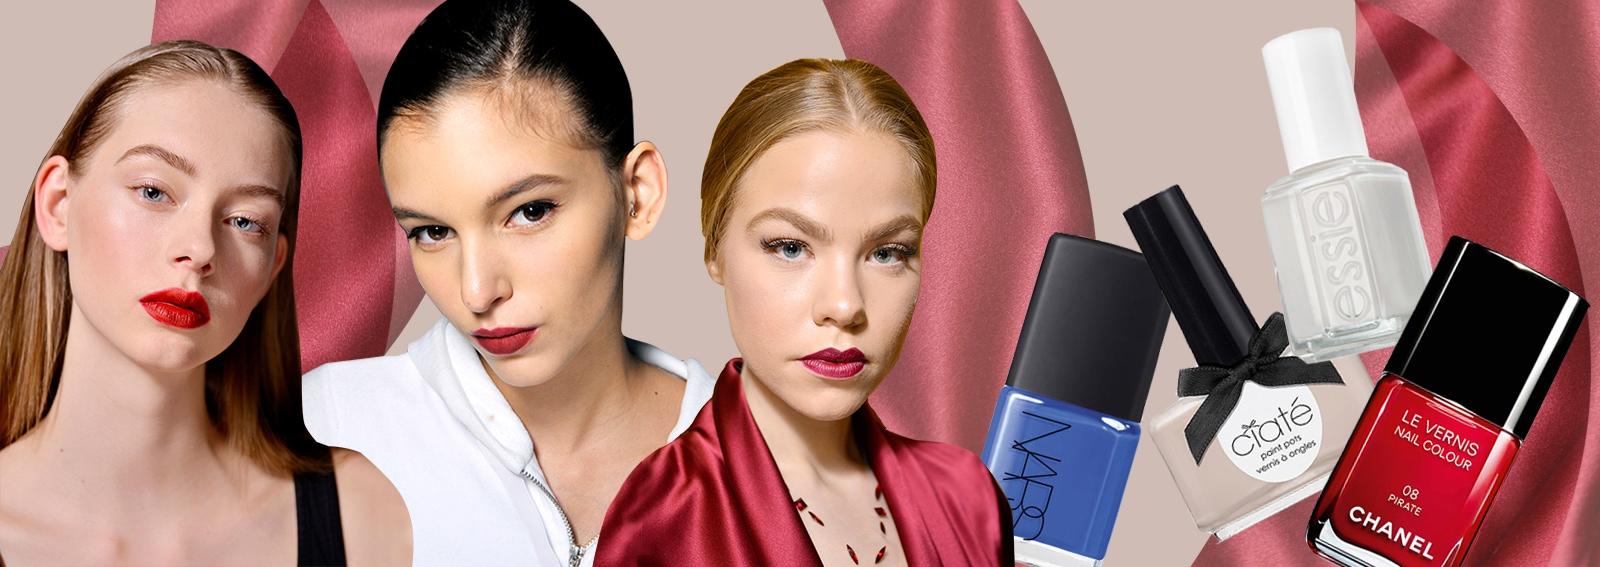 cover-trend-beauty-ecco-come-abbinare-desktop